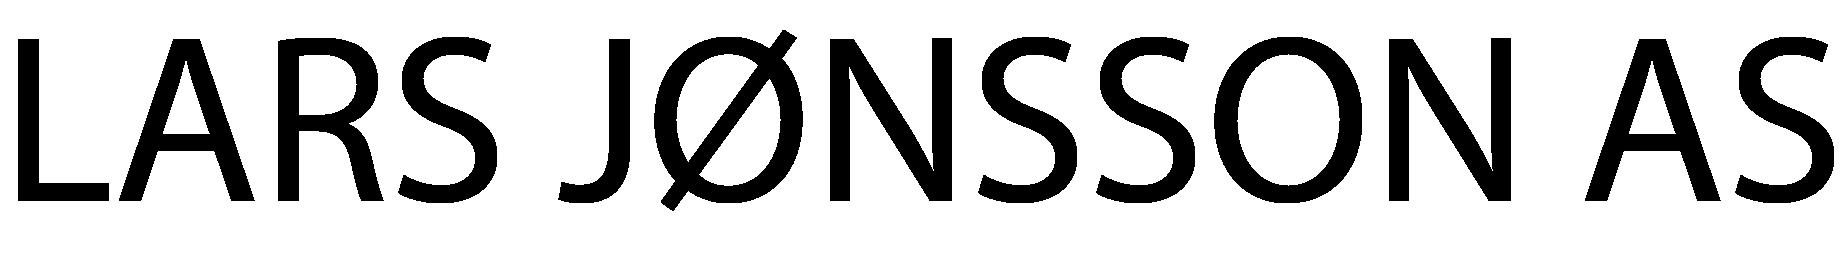 larsjonsson